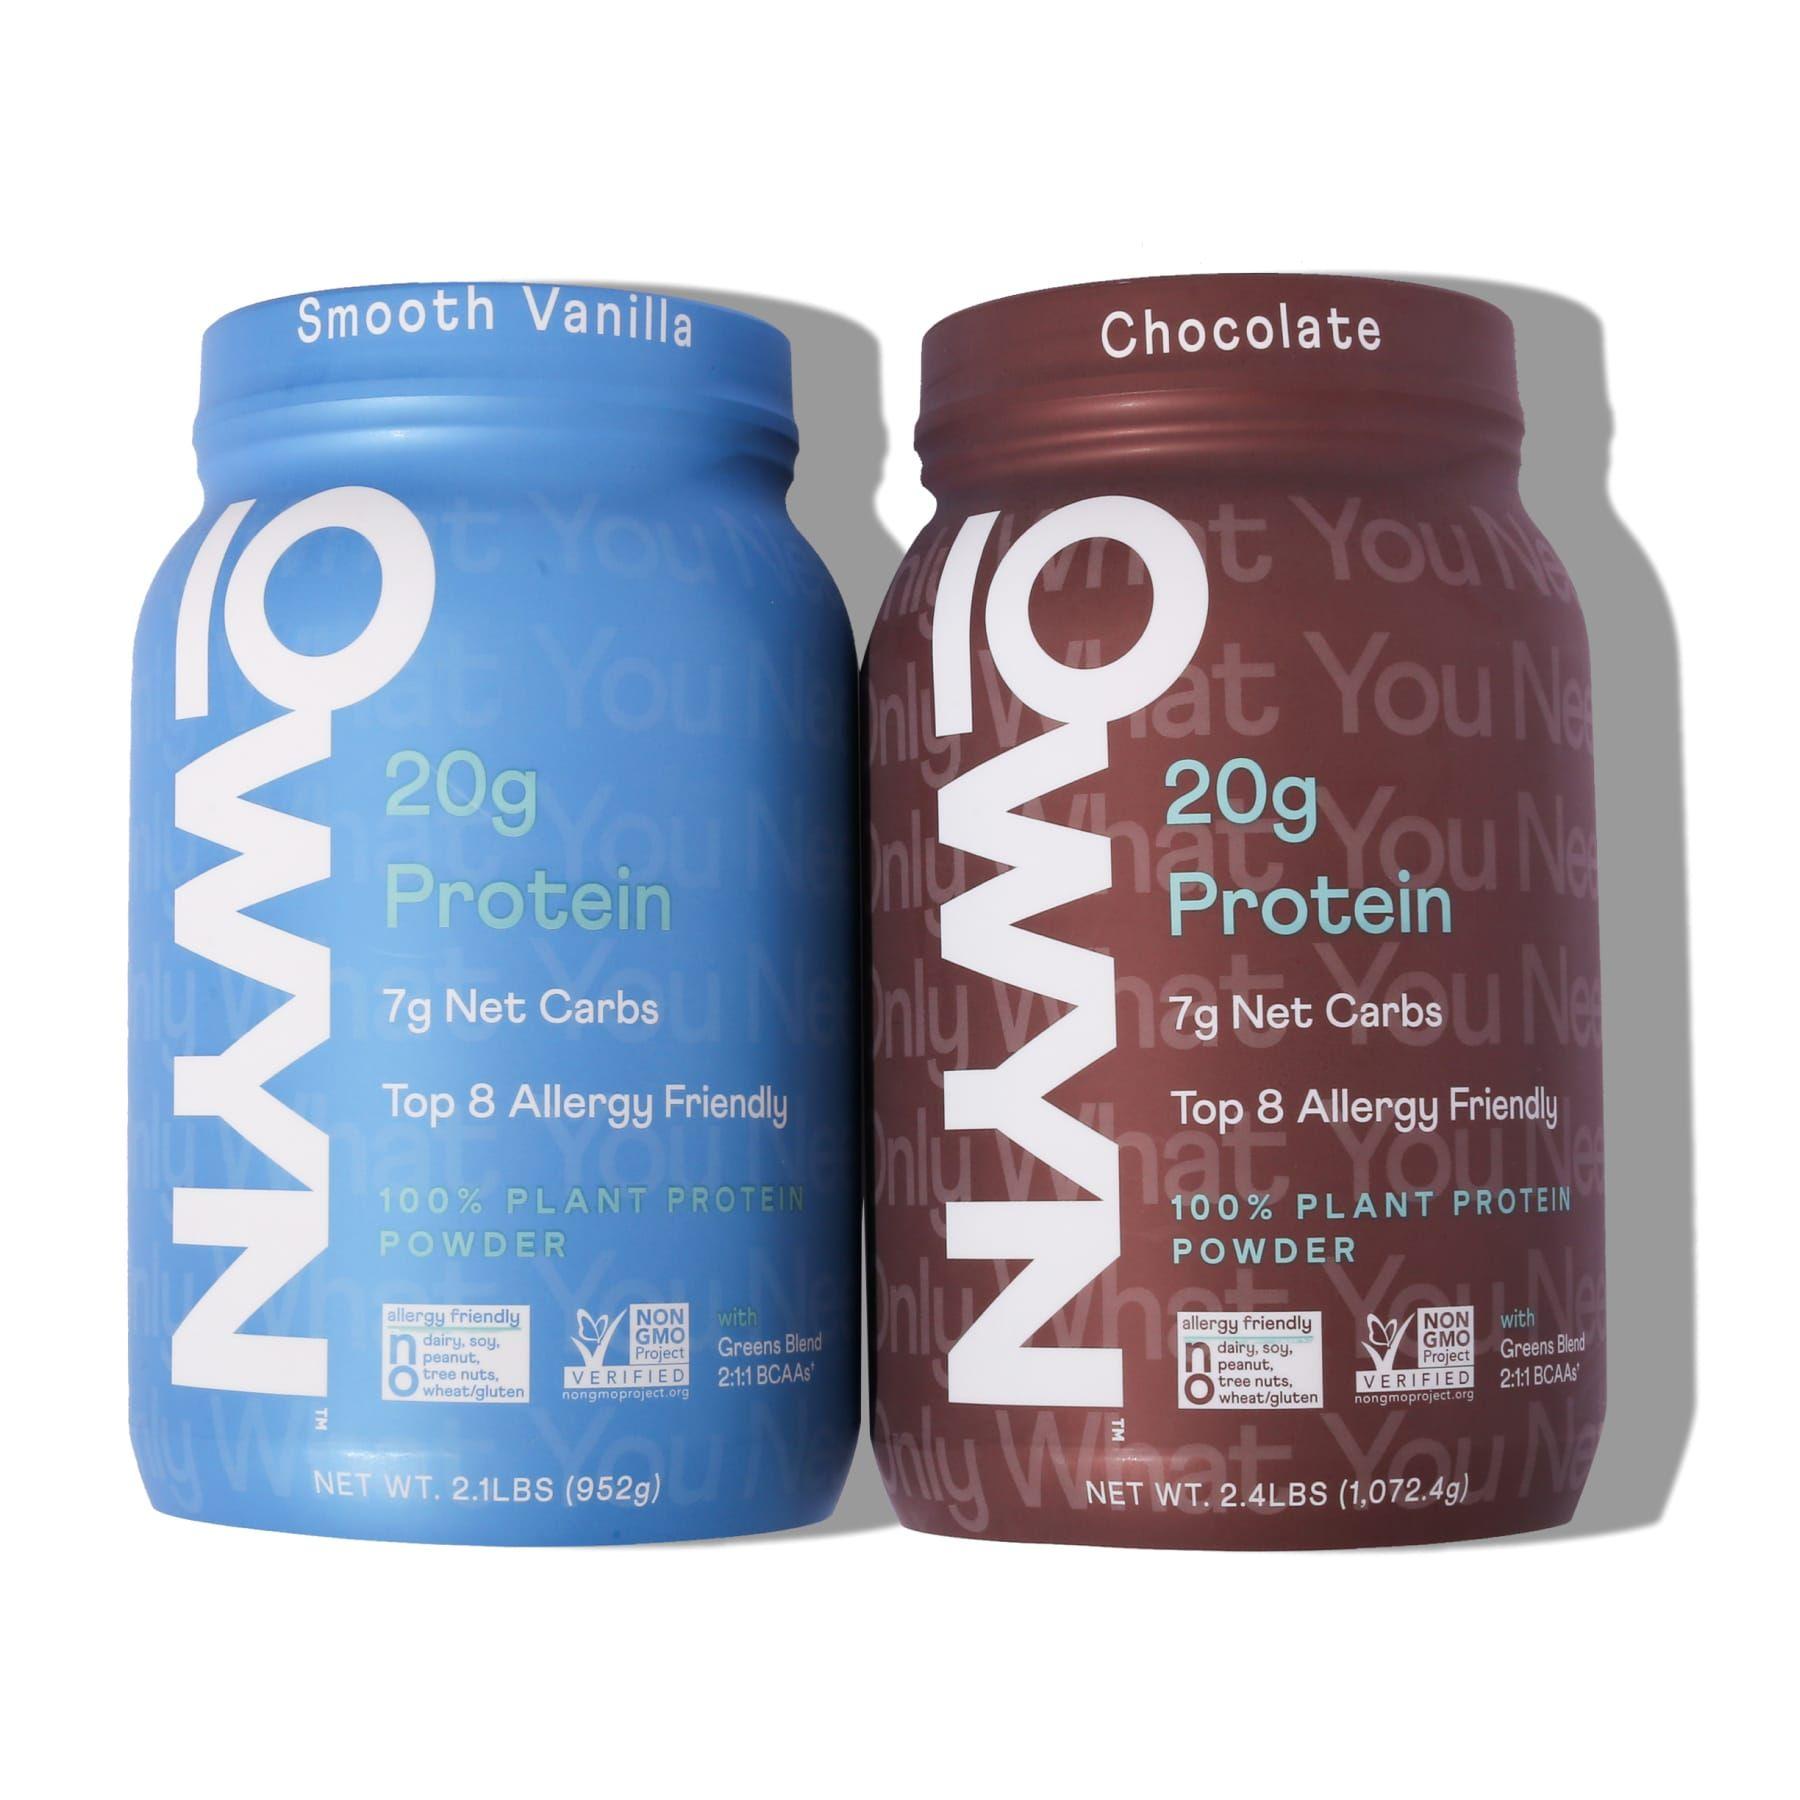 OWYN Protein Powders - Large